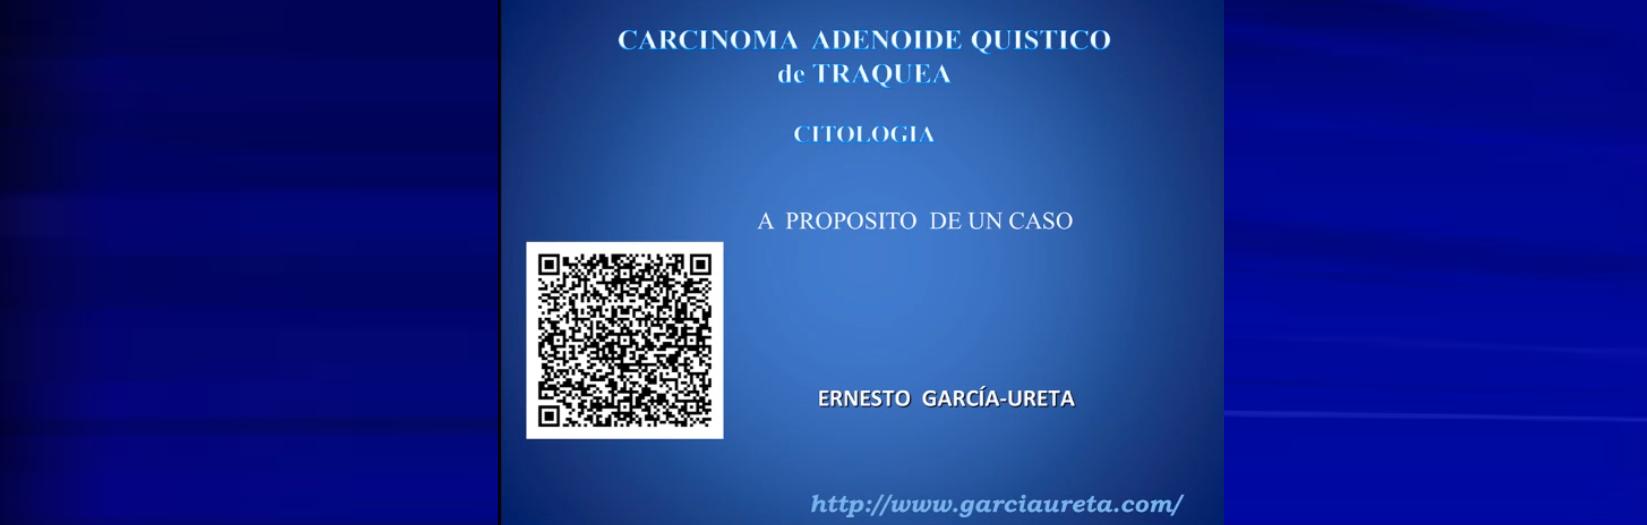 Carcinoma Adenoide Quistico